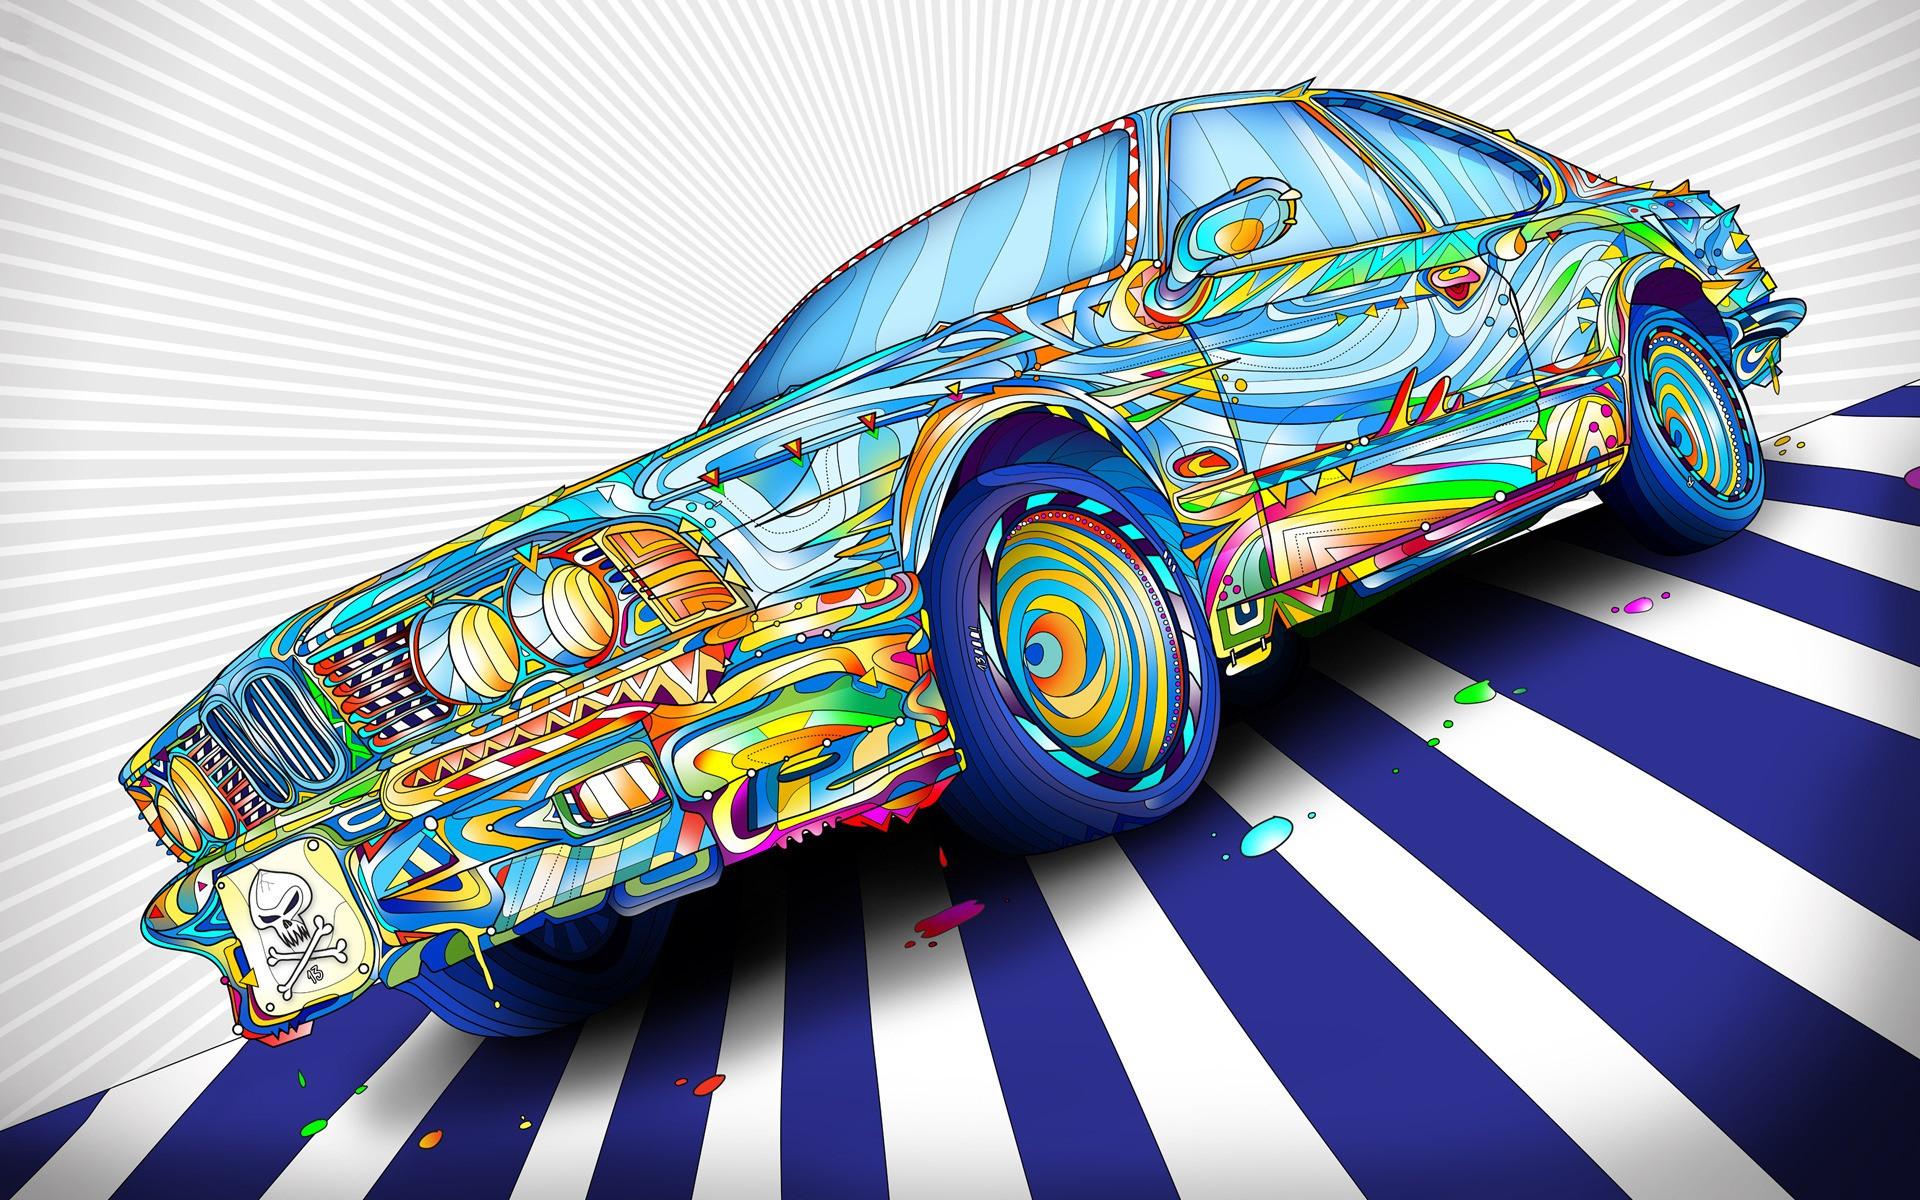 Wallpaper colorful illustration digital art car bmw vehicle colorful illustration digital art car bmw vehicle artwork paint splatter lines psychedelic skull and bones wheels voltagebd Images